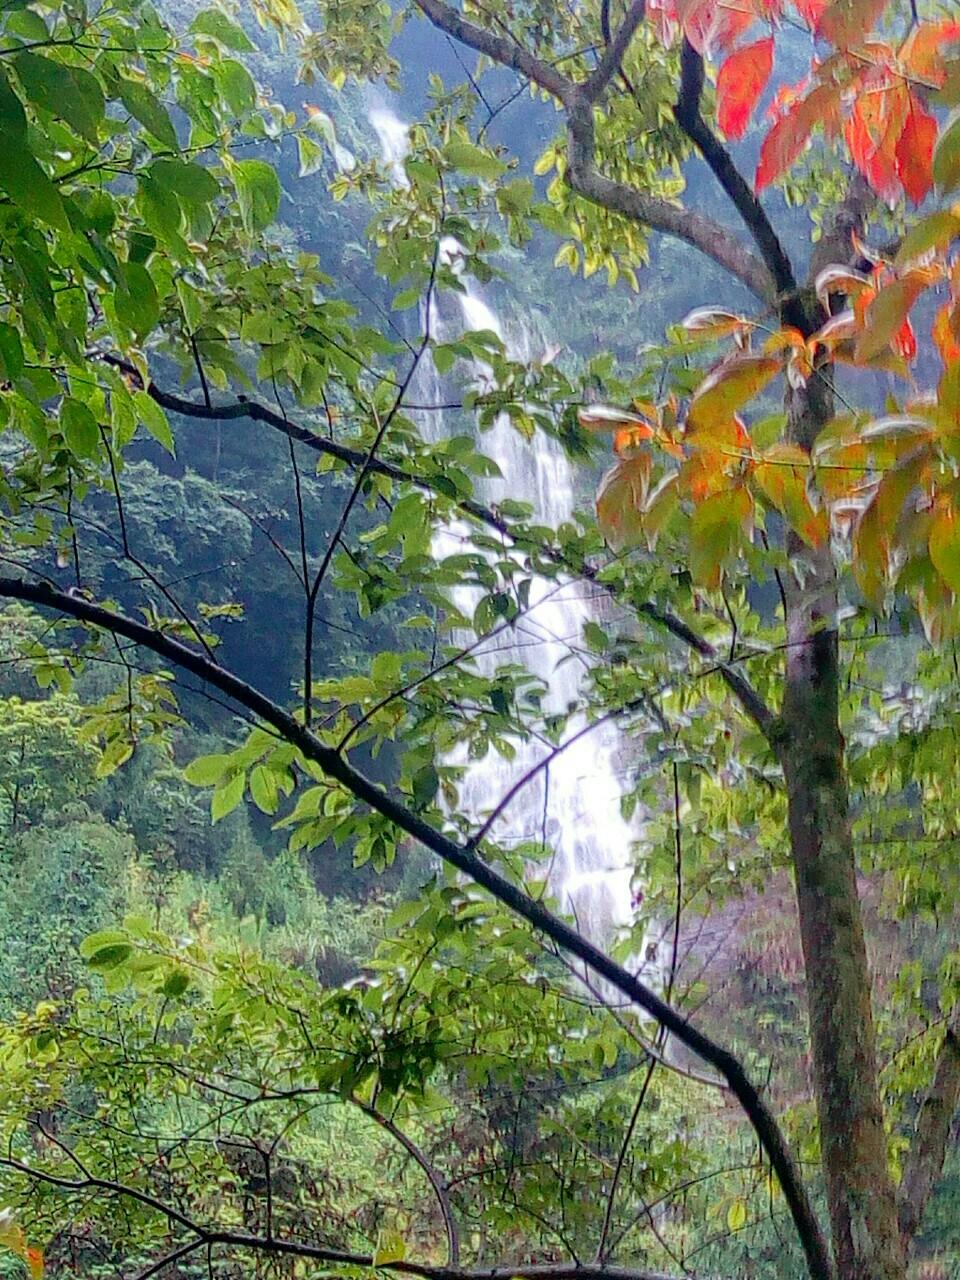 【原创】雨中诞生~~~雨水是瀑布滋养源,它也是视野中的魂,吸引中的赞叹